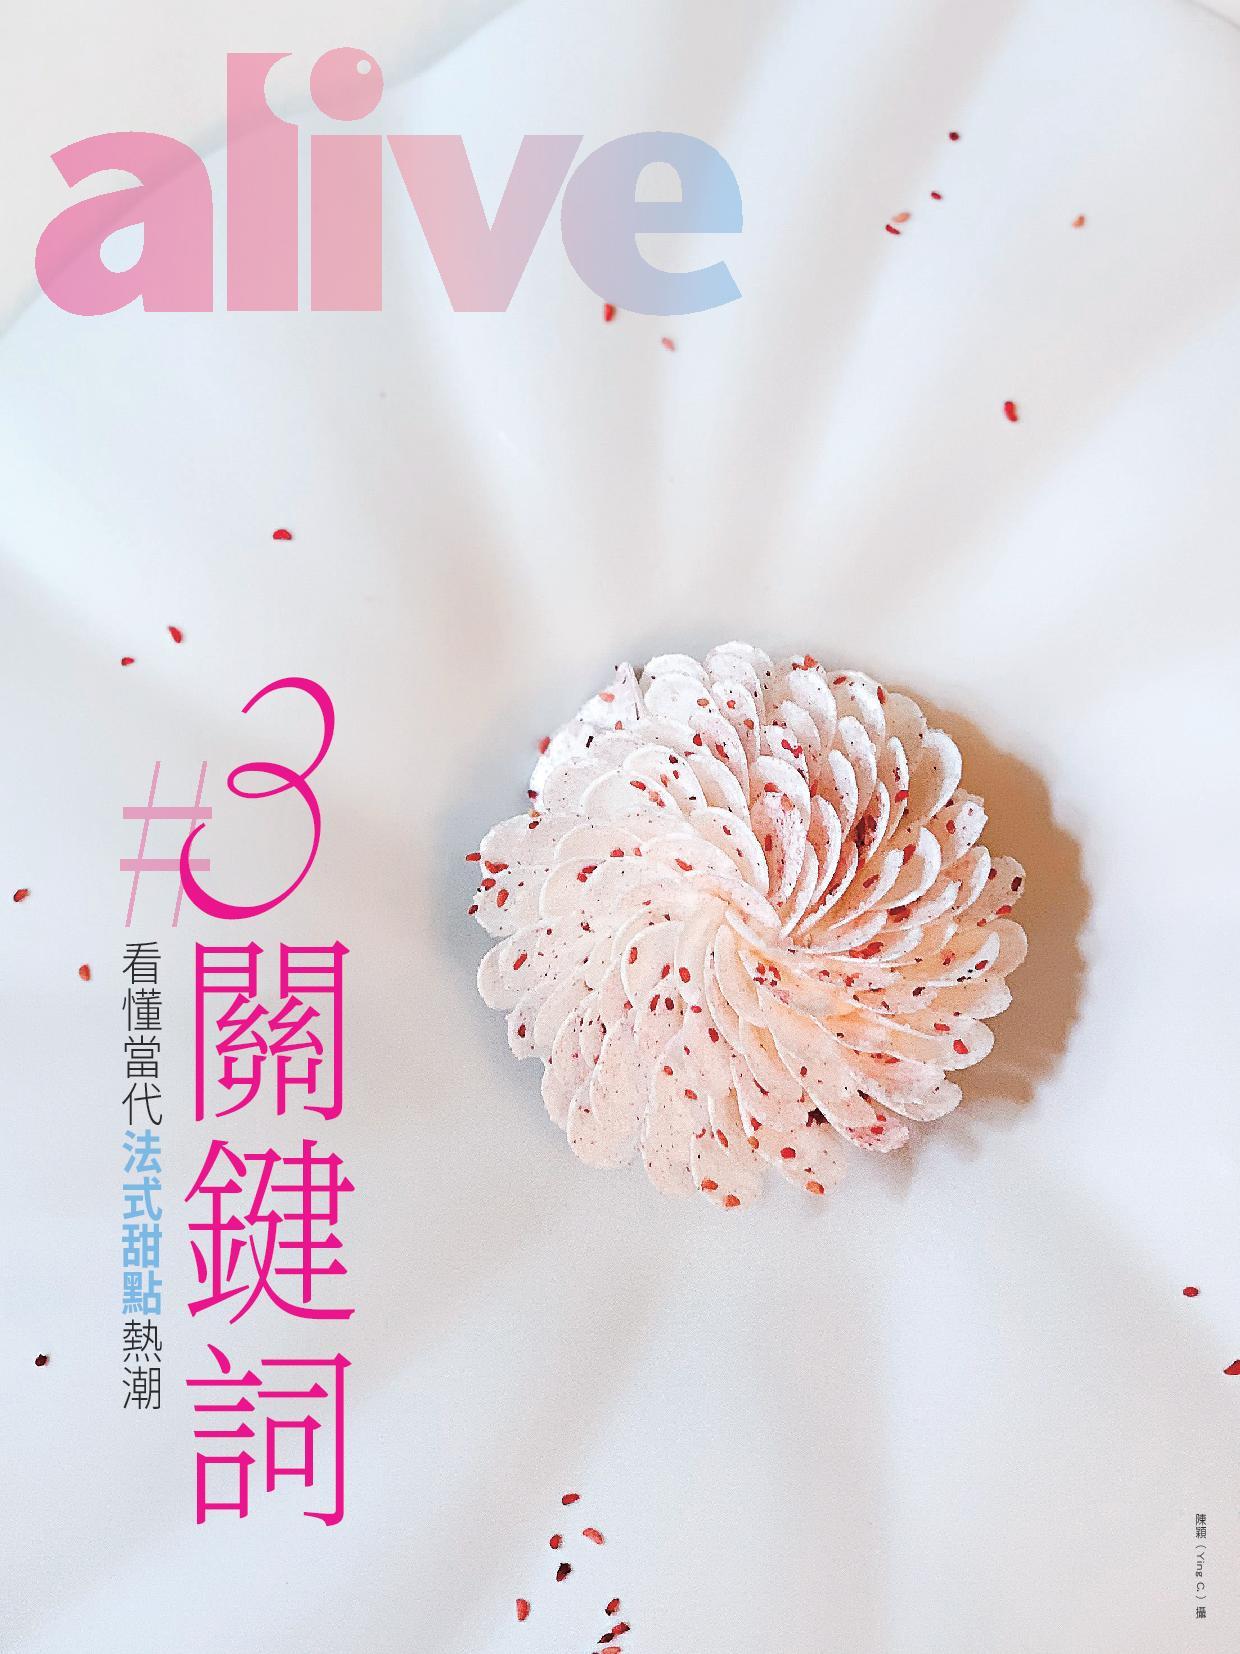 alive 1649 20190620 cover.jpg